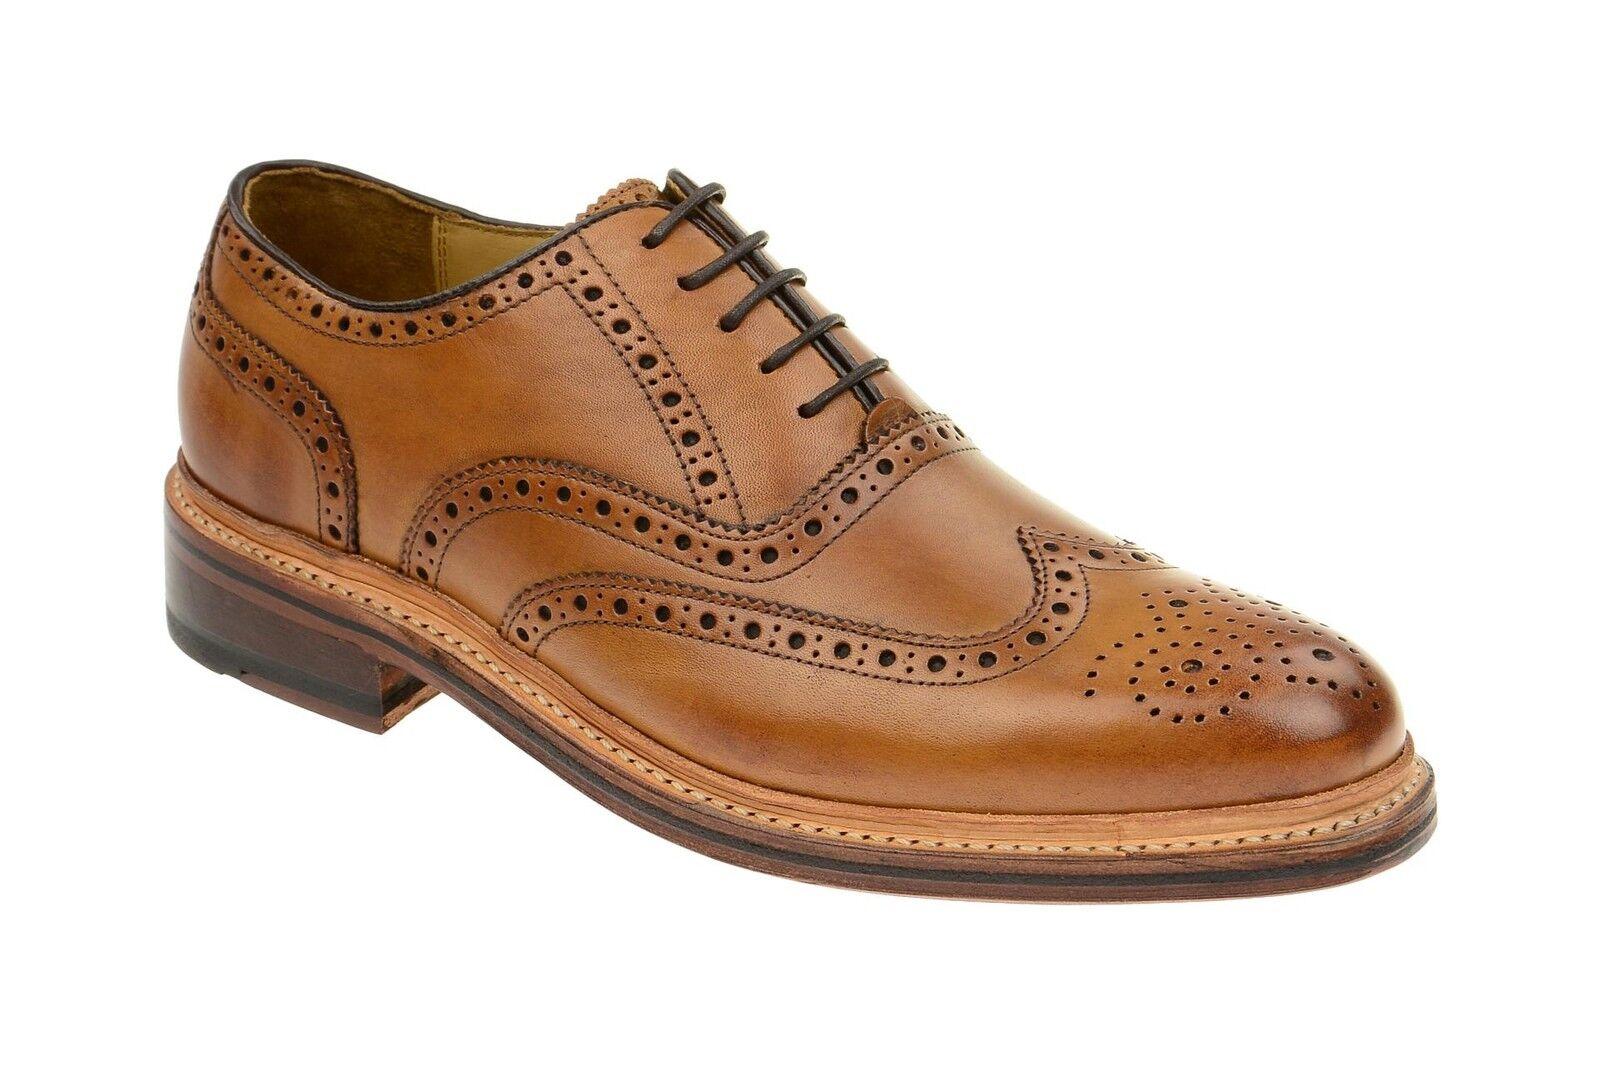 Gordon & Bros. zapatos levet marrón zapatos caballero rahmengenähte zapatos 2506-a tan